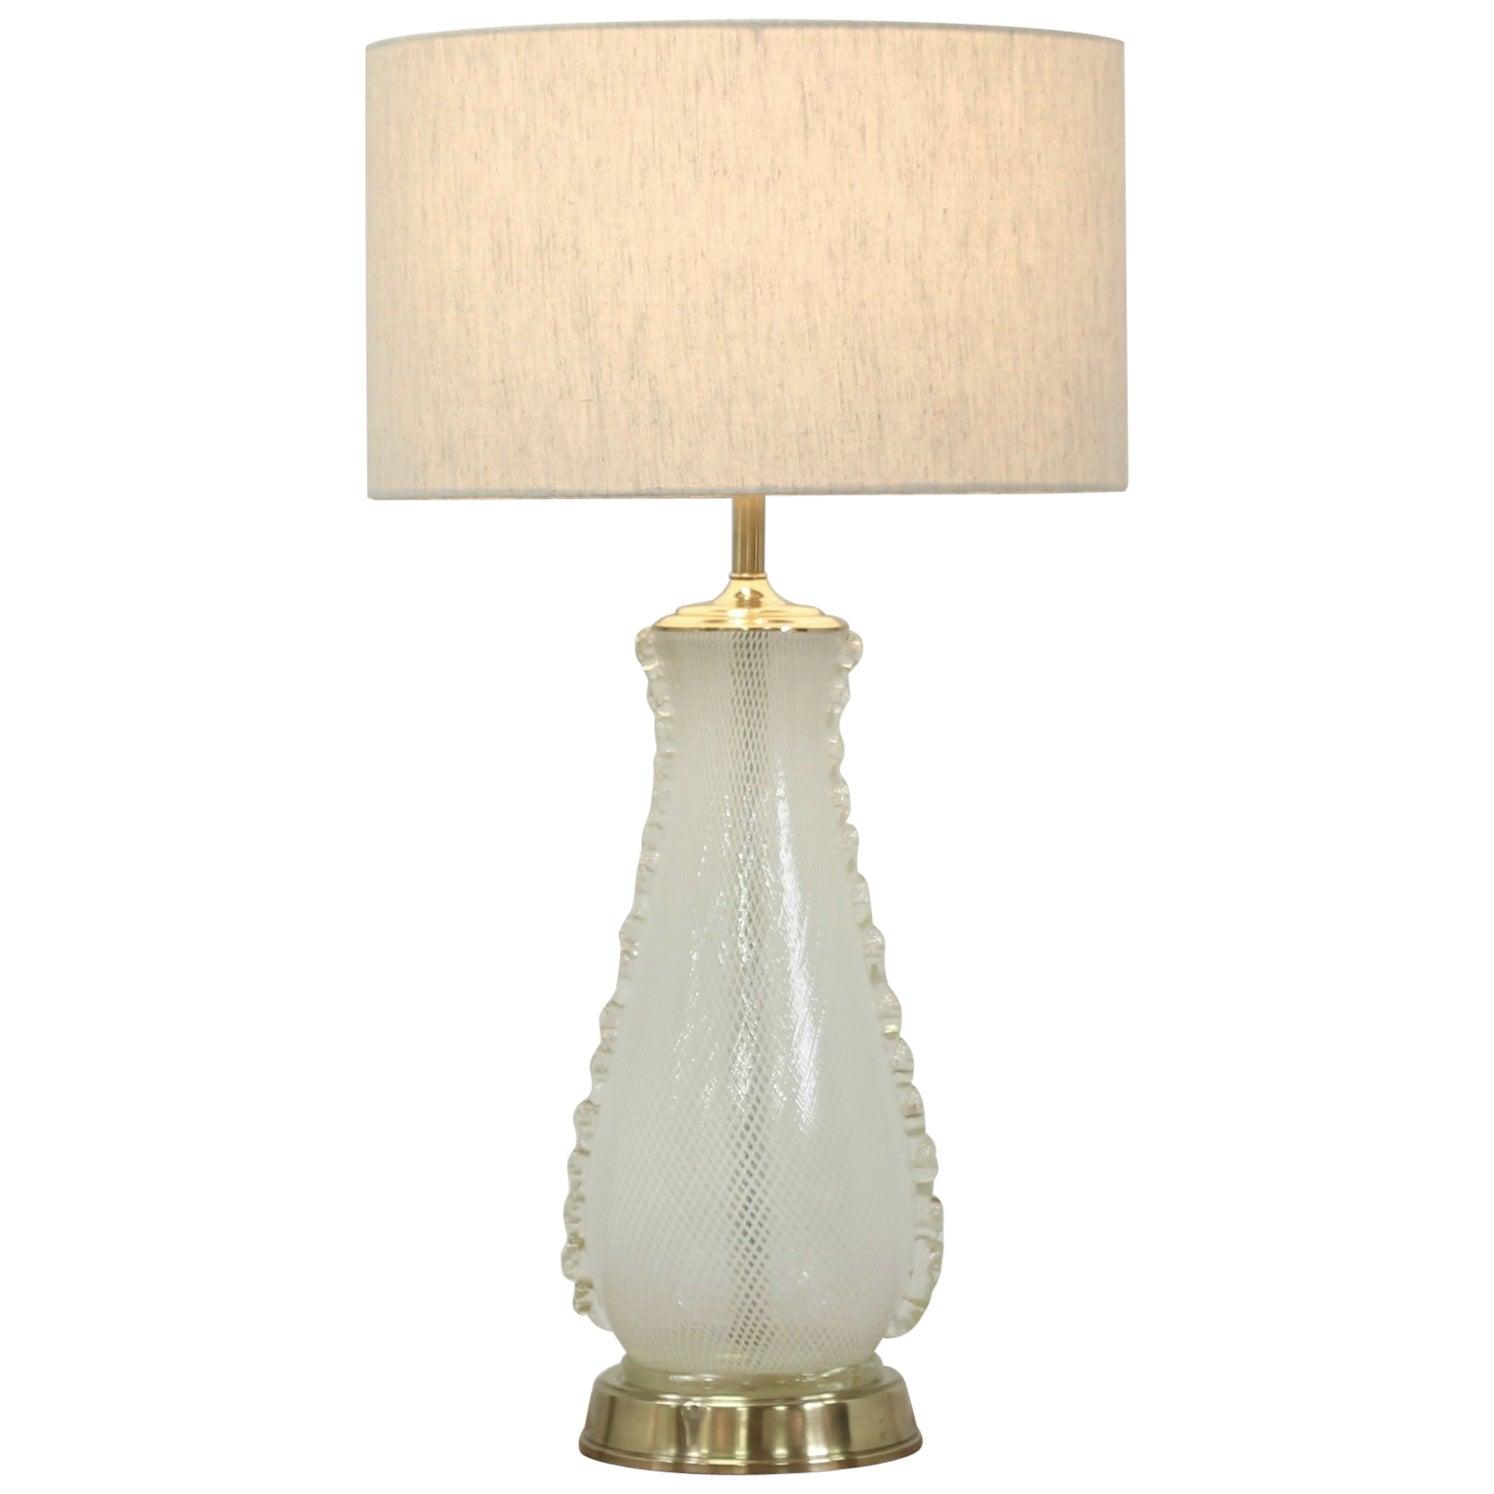 1960s Italian Murano Camer Glass Lamp